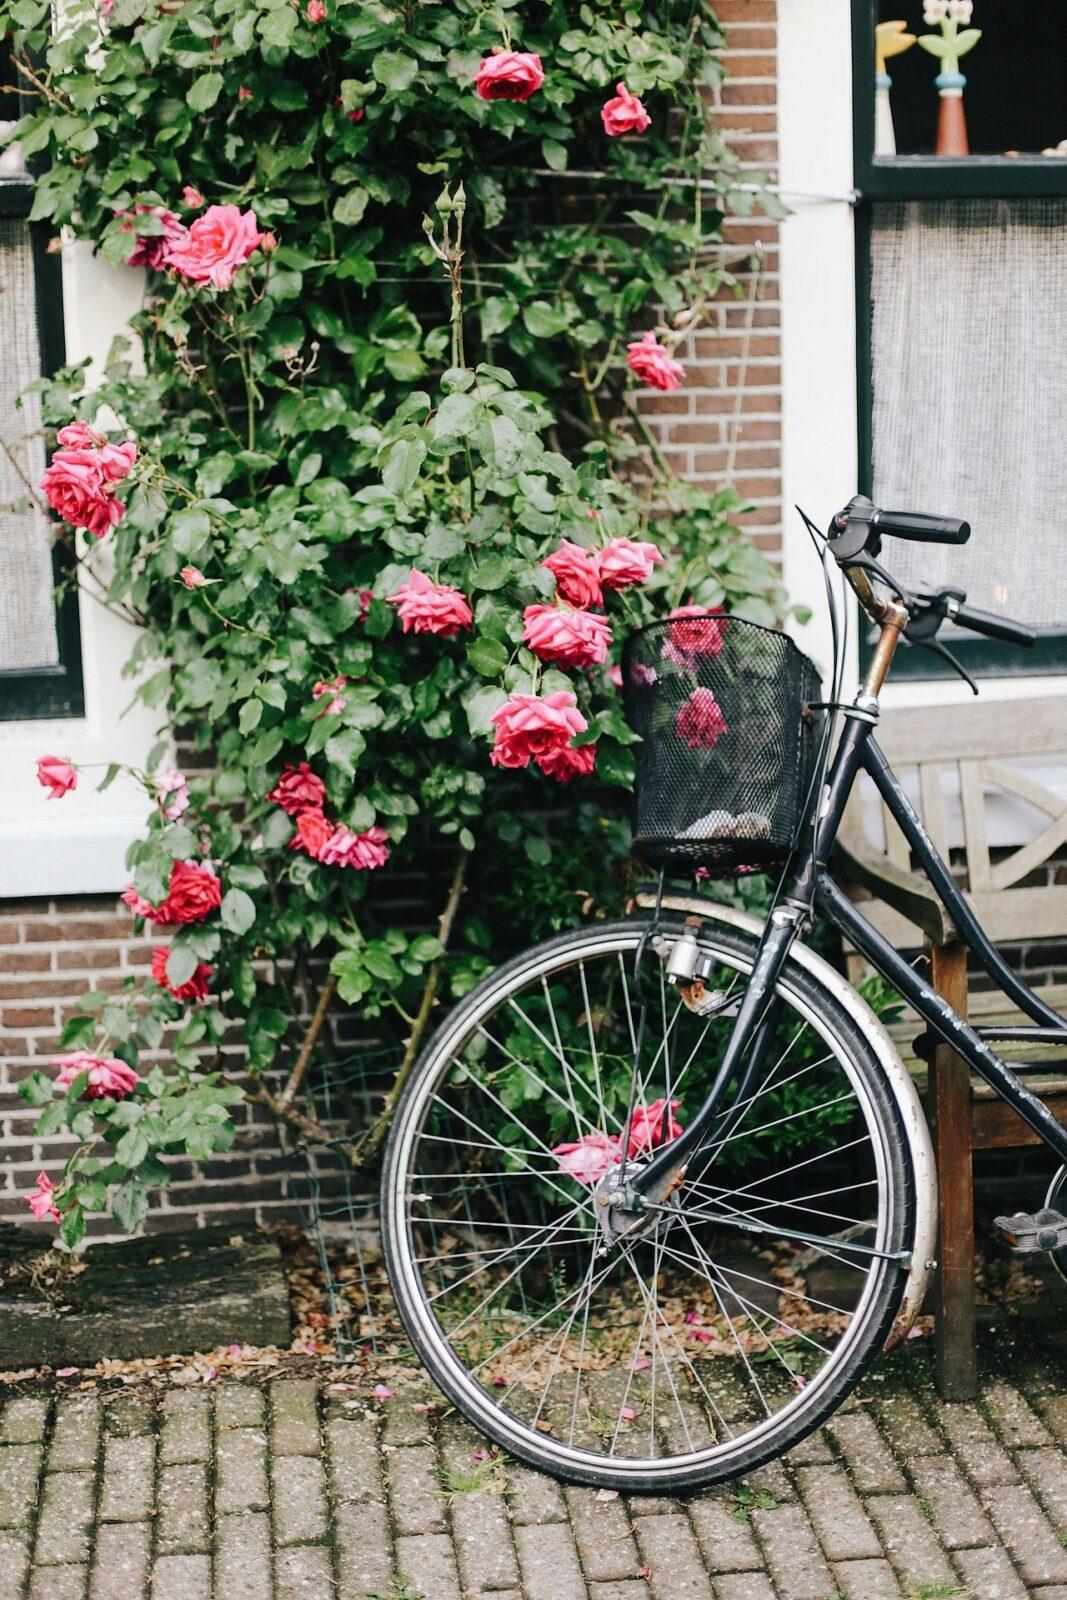 Qui n'a pas envie de sentir le vent caresser son visage, pendant une balade en forêt, au bord de la mer ou lors d'un trip en Europe ?… Et si vous choisissiez des vacances sportives, en excursion à vélo ? Découvrir une ville ou un pays en deux roues, une idée qui devrait plaire aux âmes écolos.